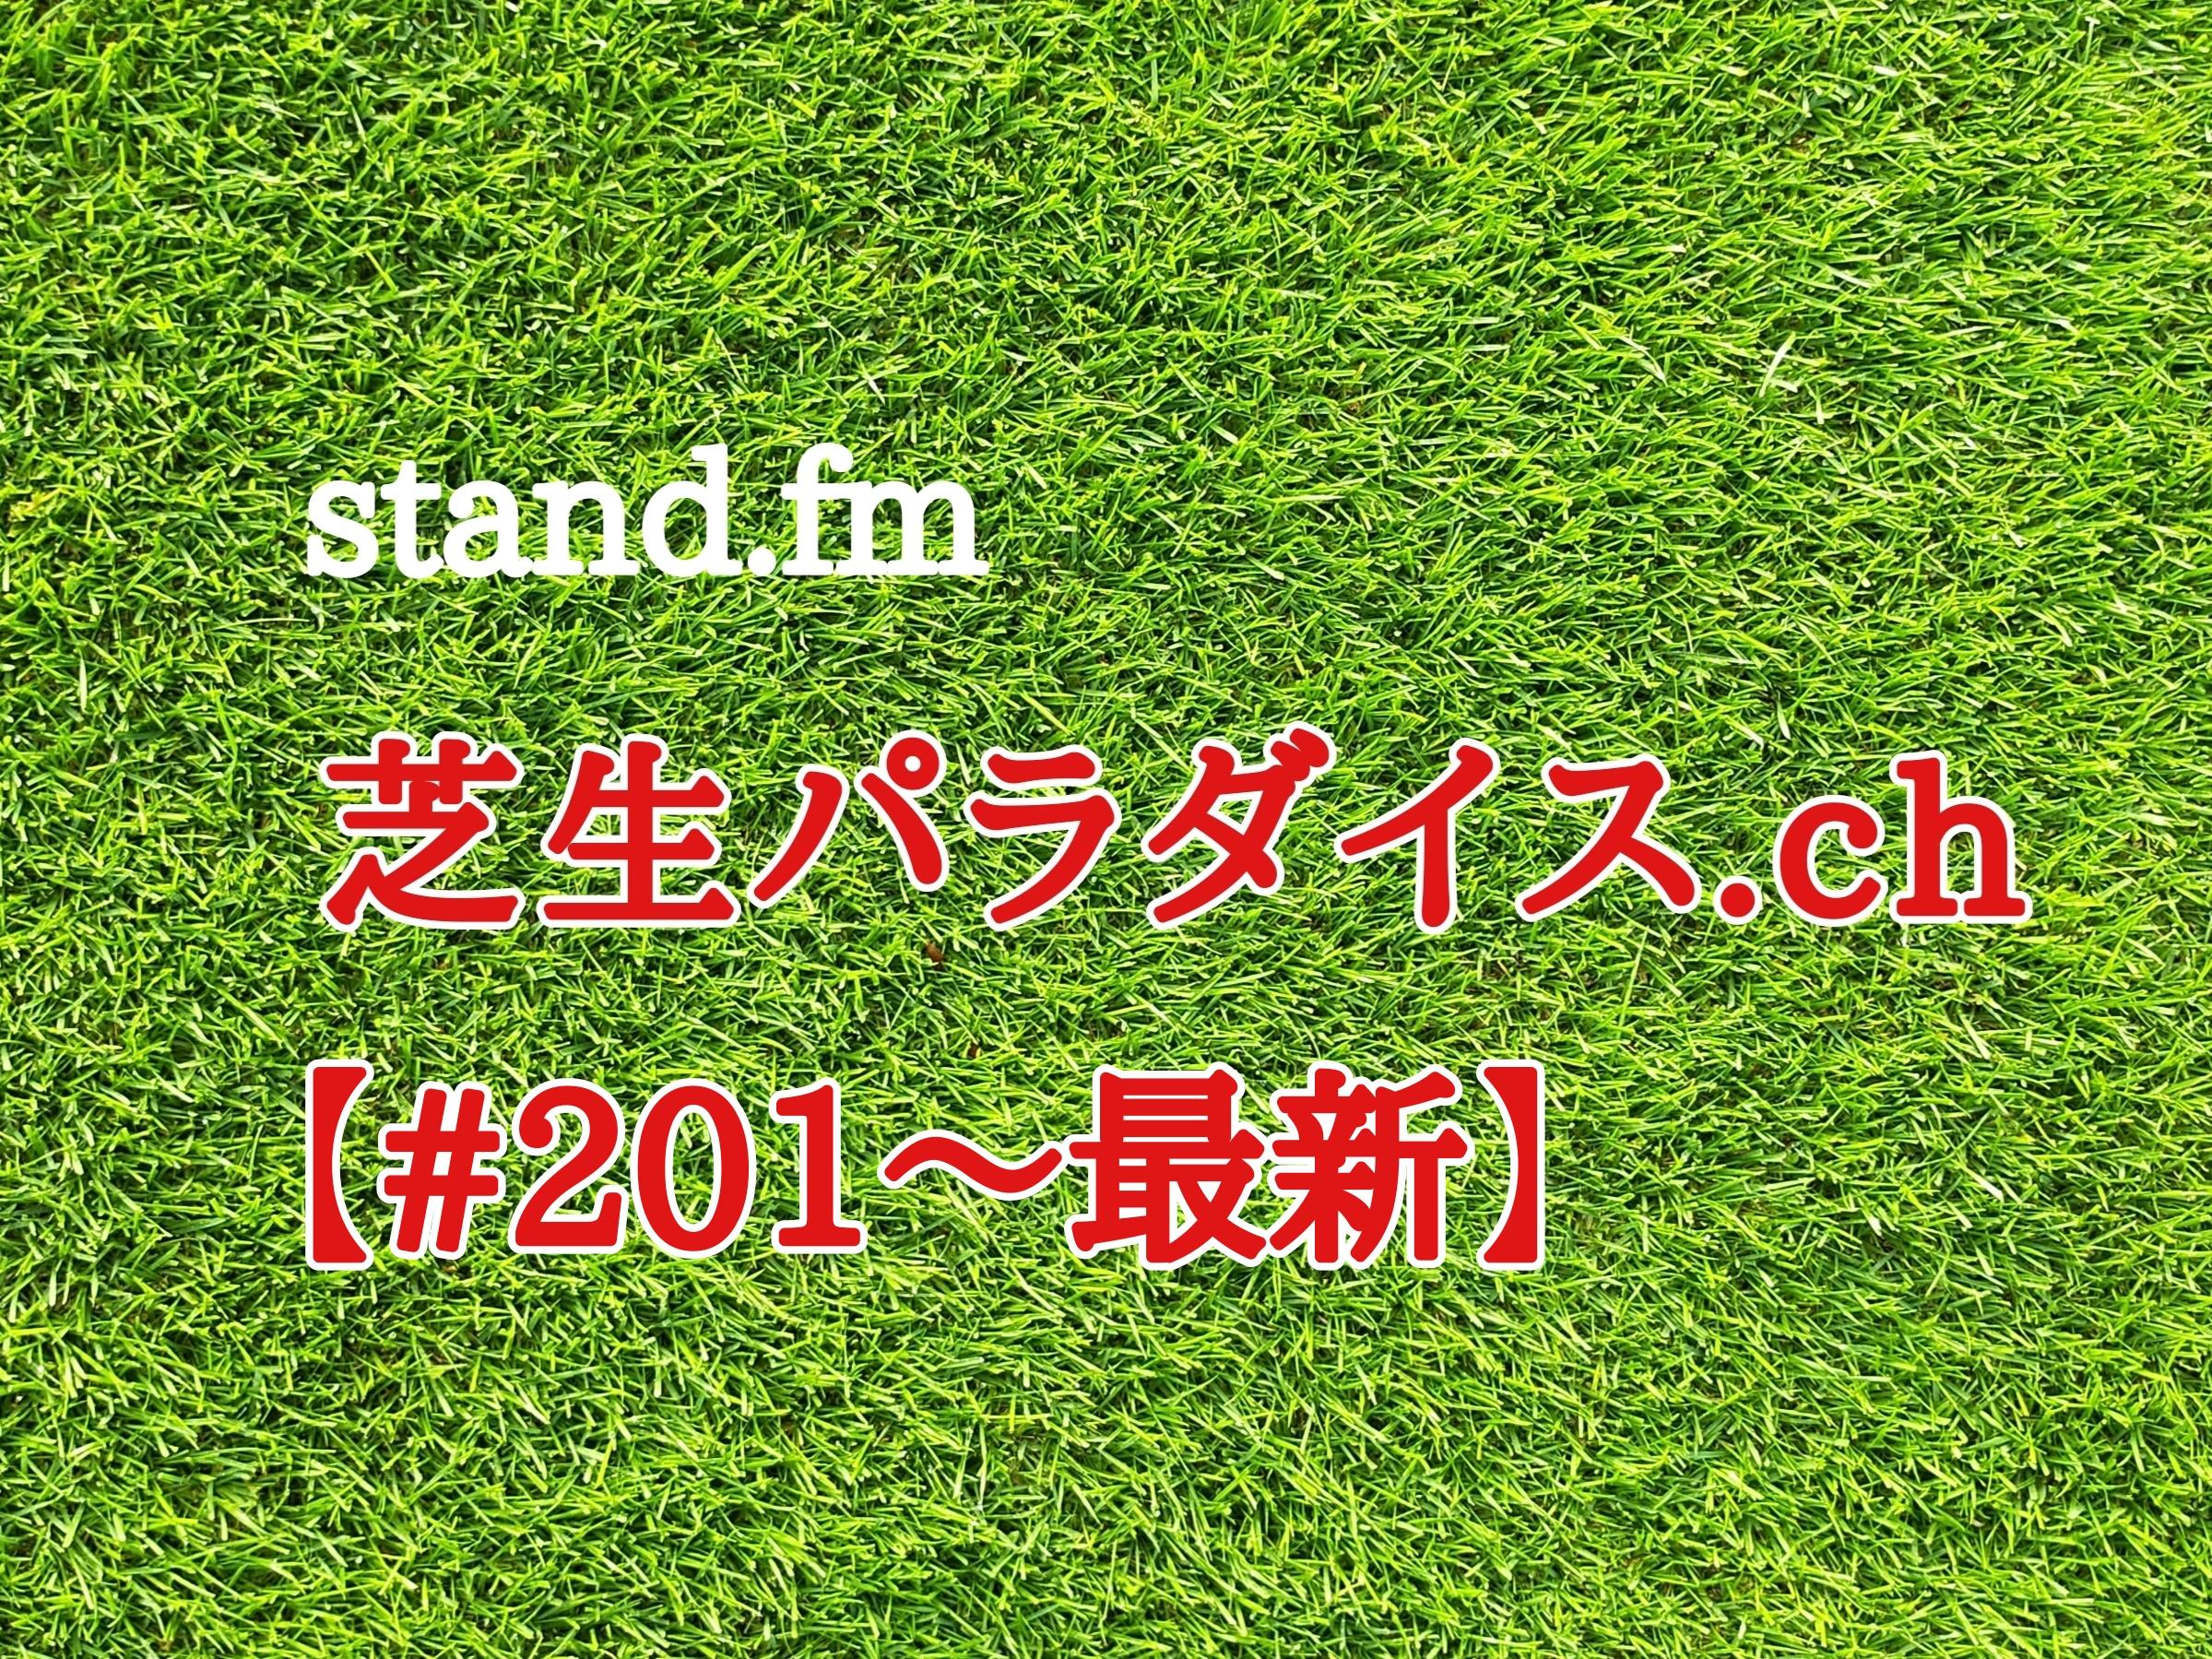 【#201〜最新】stand.fm 🍀芝生パラダイス・チャンネル📻皆さん聴いてね😄💕